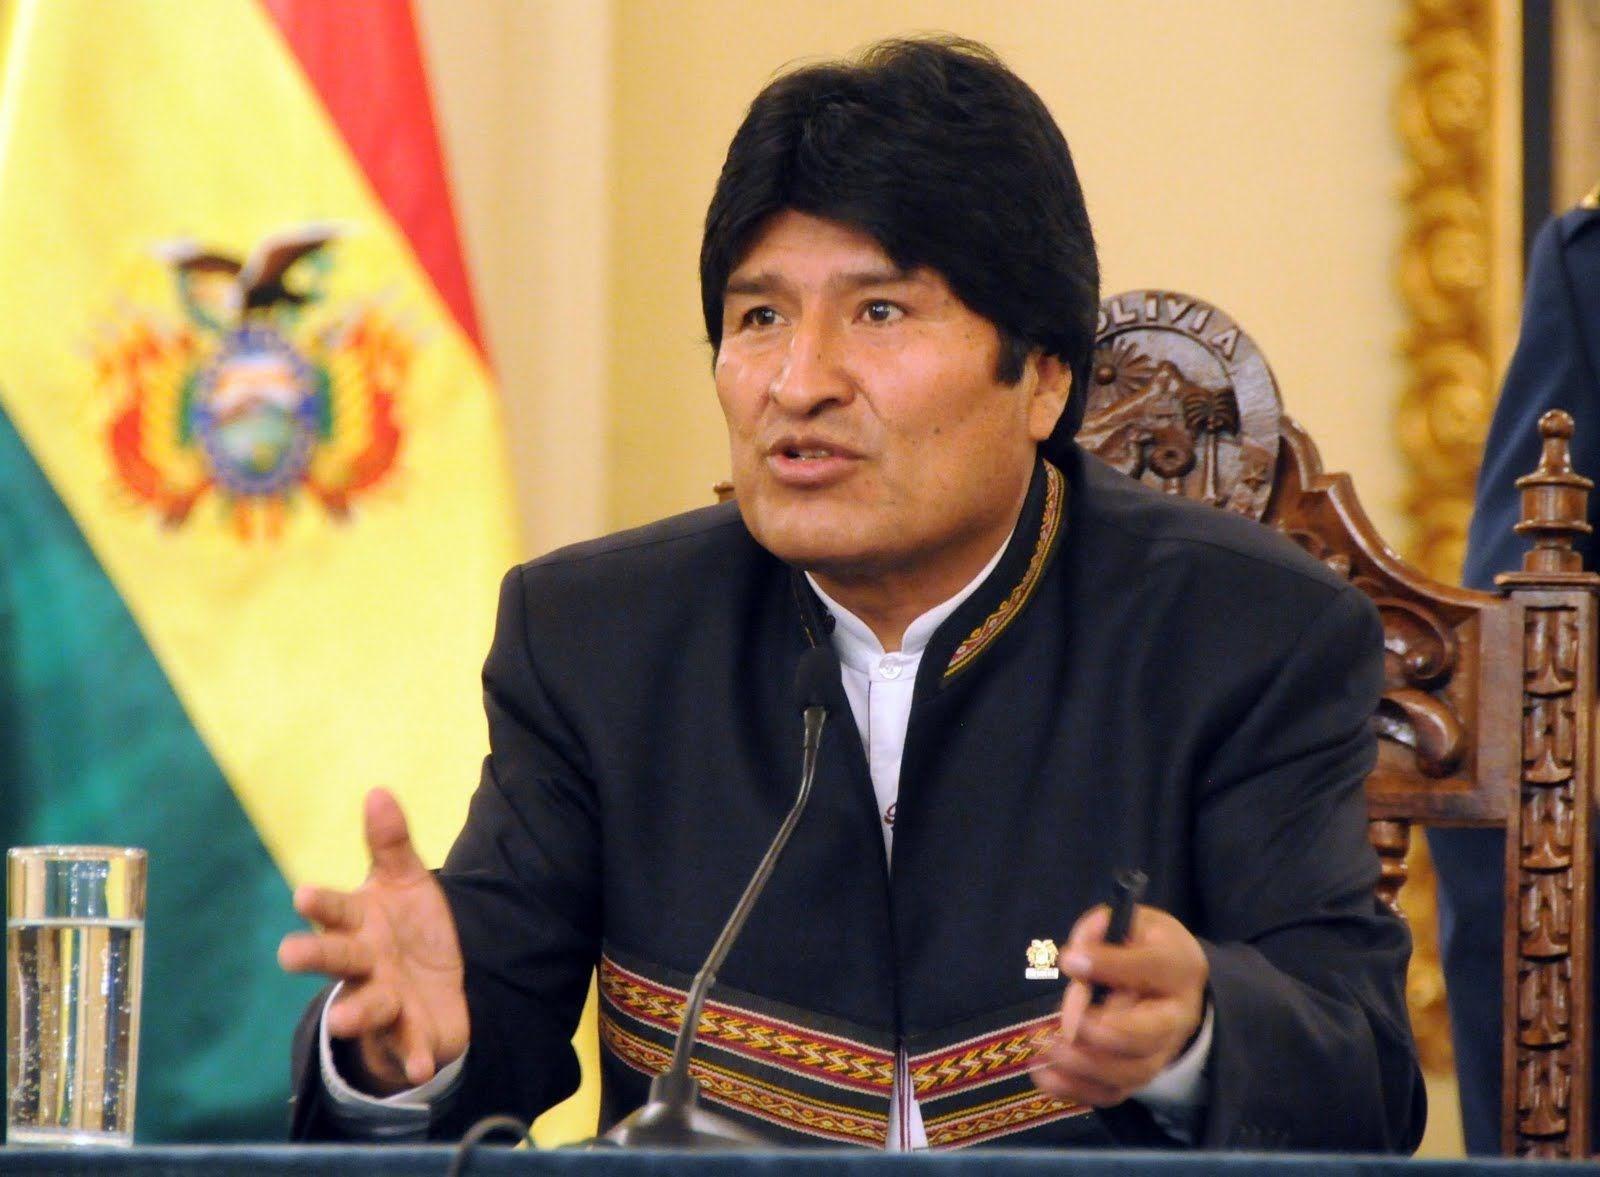 موراليس: من حق الشعب الدفاع عن نفسه إذا قامت الحكومة الجديدة بمهاجمته